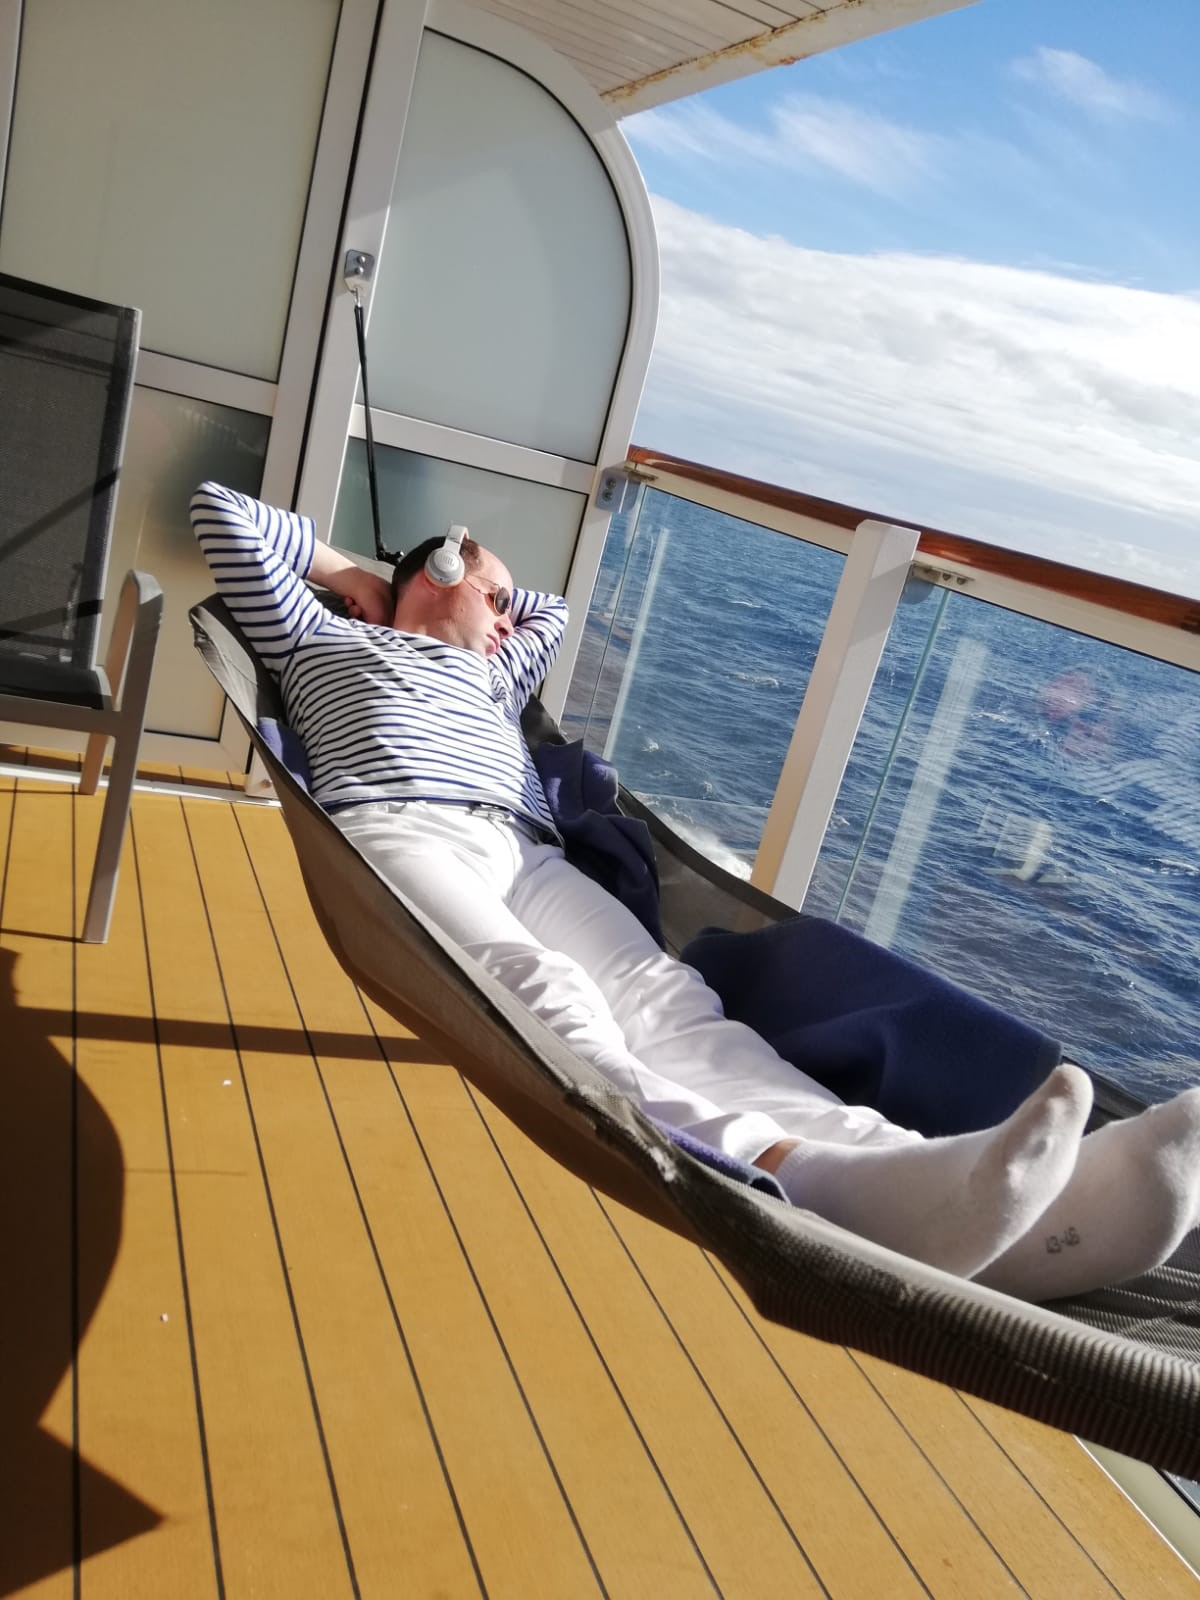 Mein Schiff Blog Gastautor Tobias Fink geniesst die Hängematte auf seinem Balkon